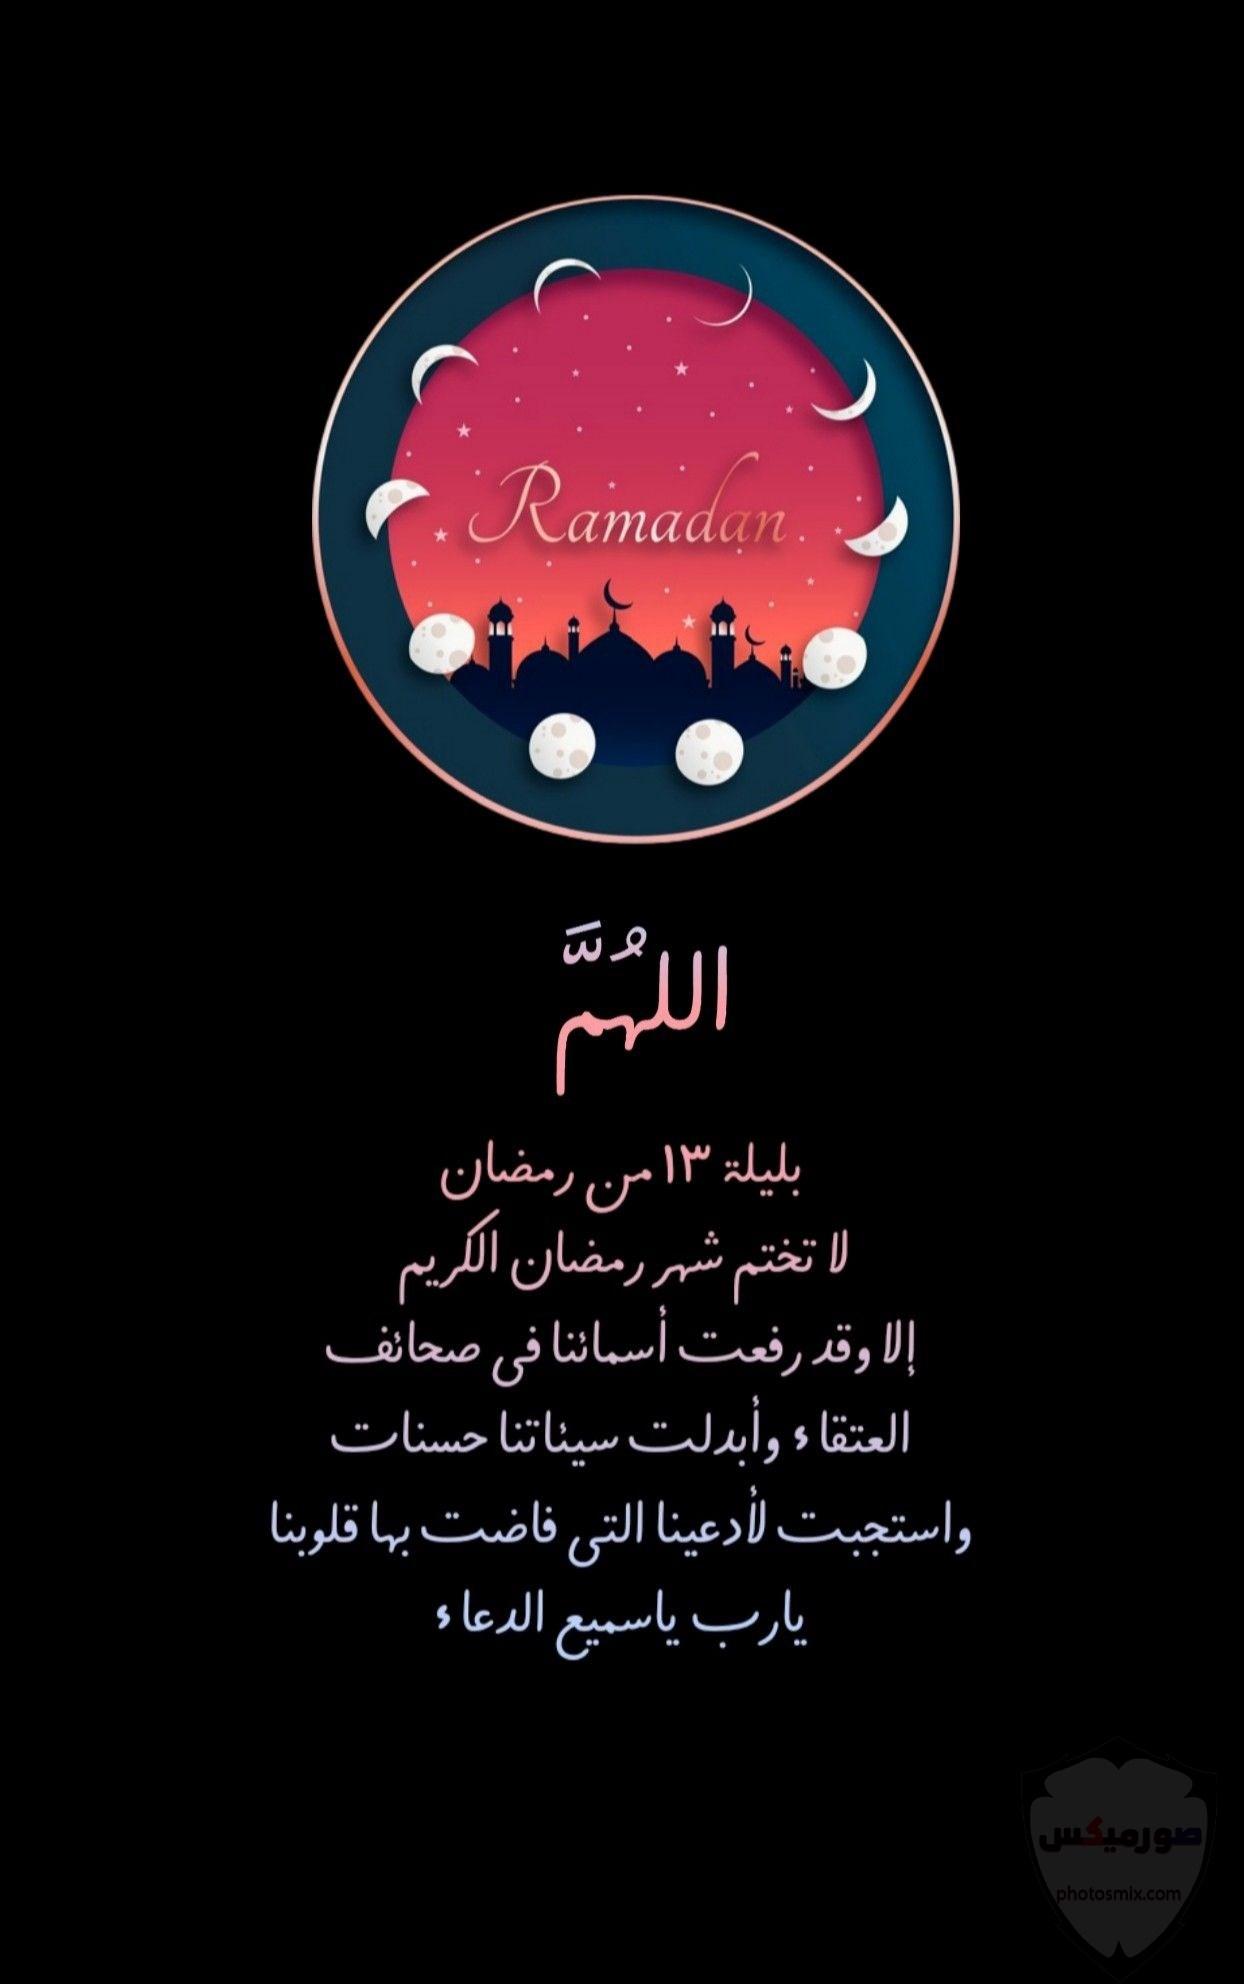 فانوس رمضان 2020 اجمل صور رمضان كريم 6